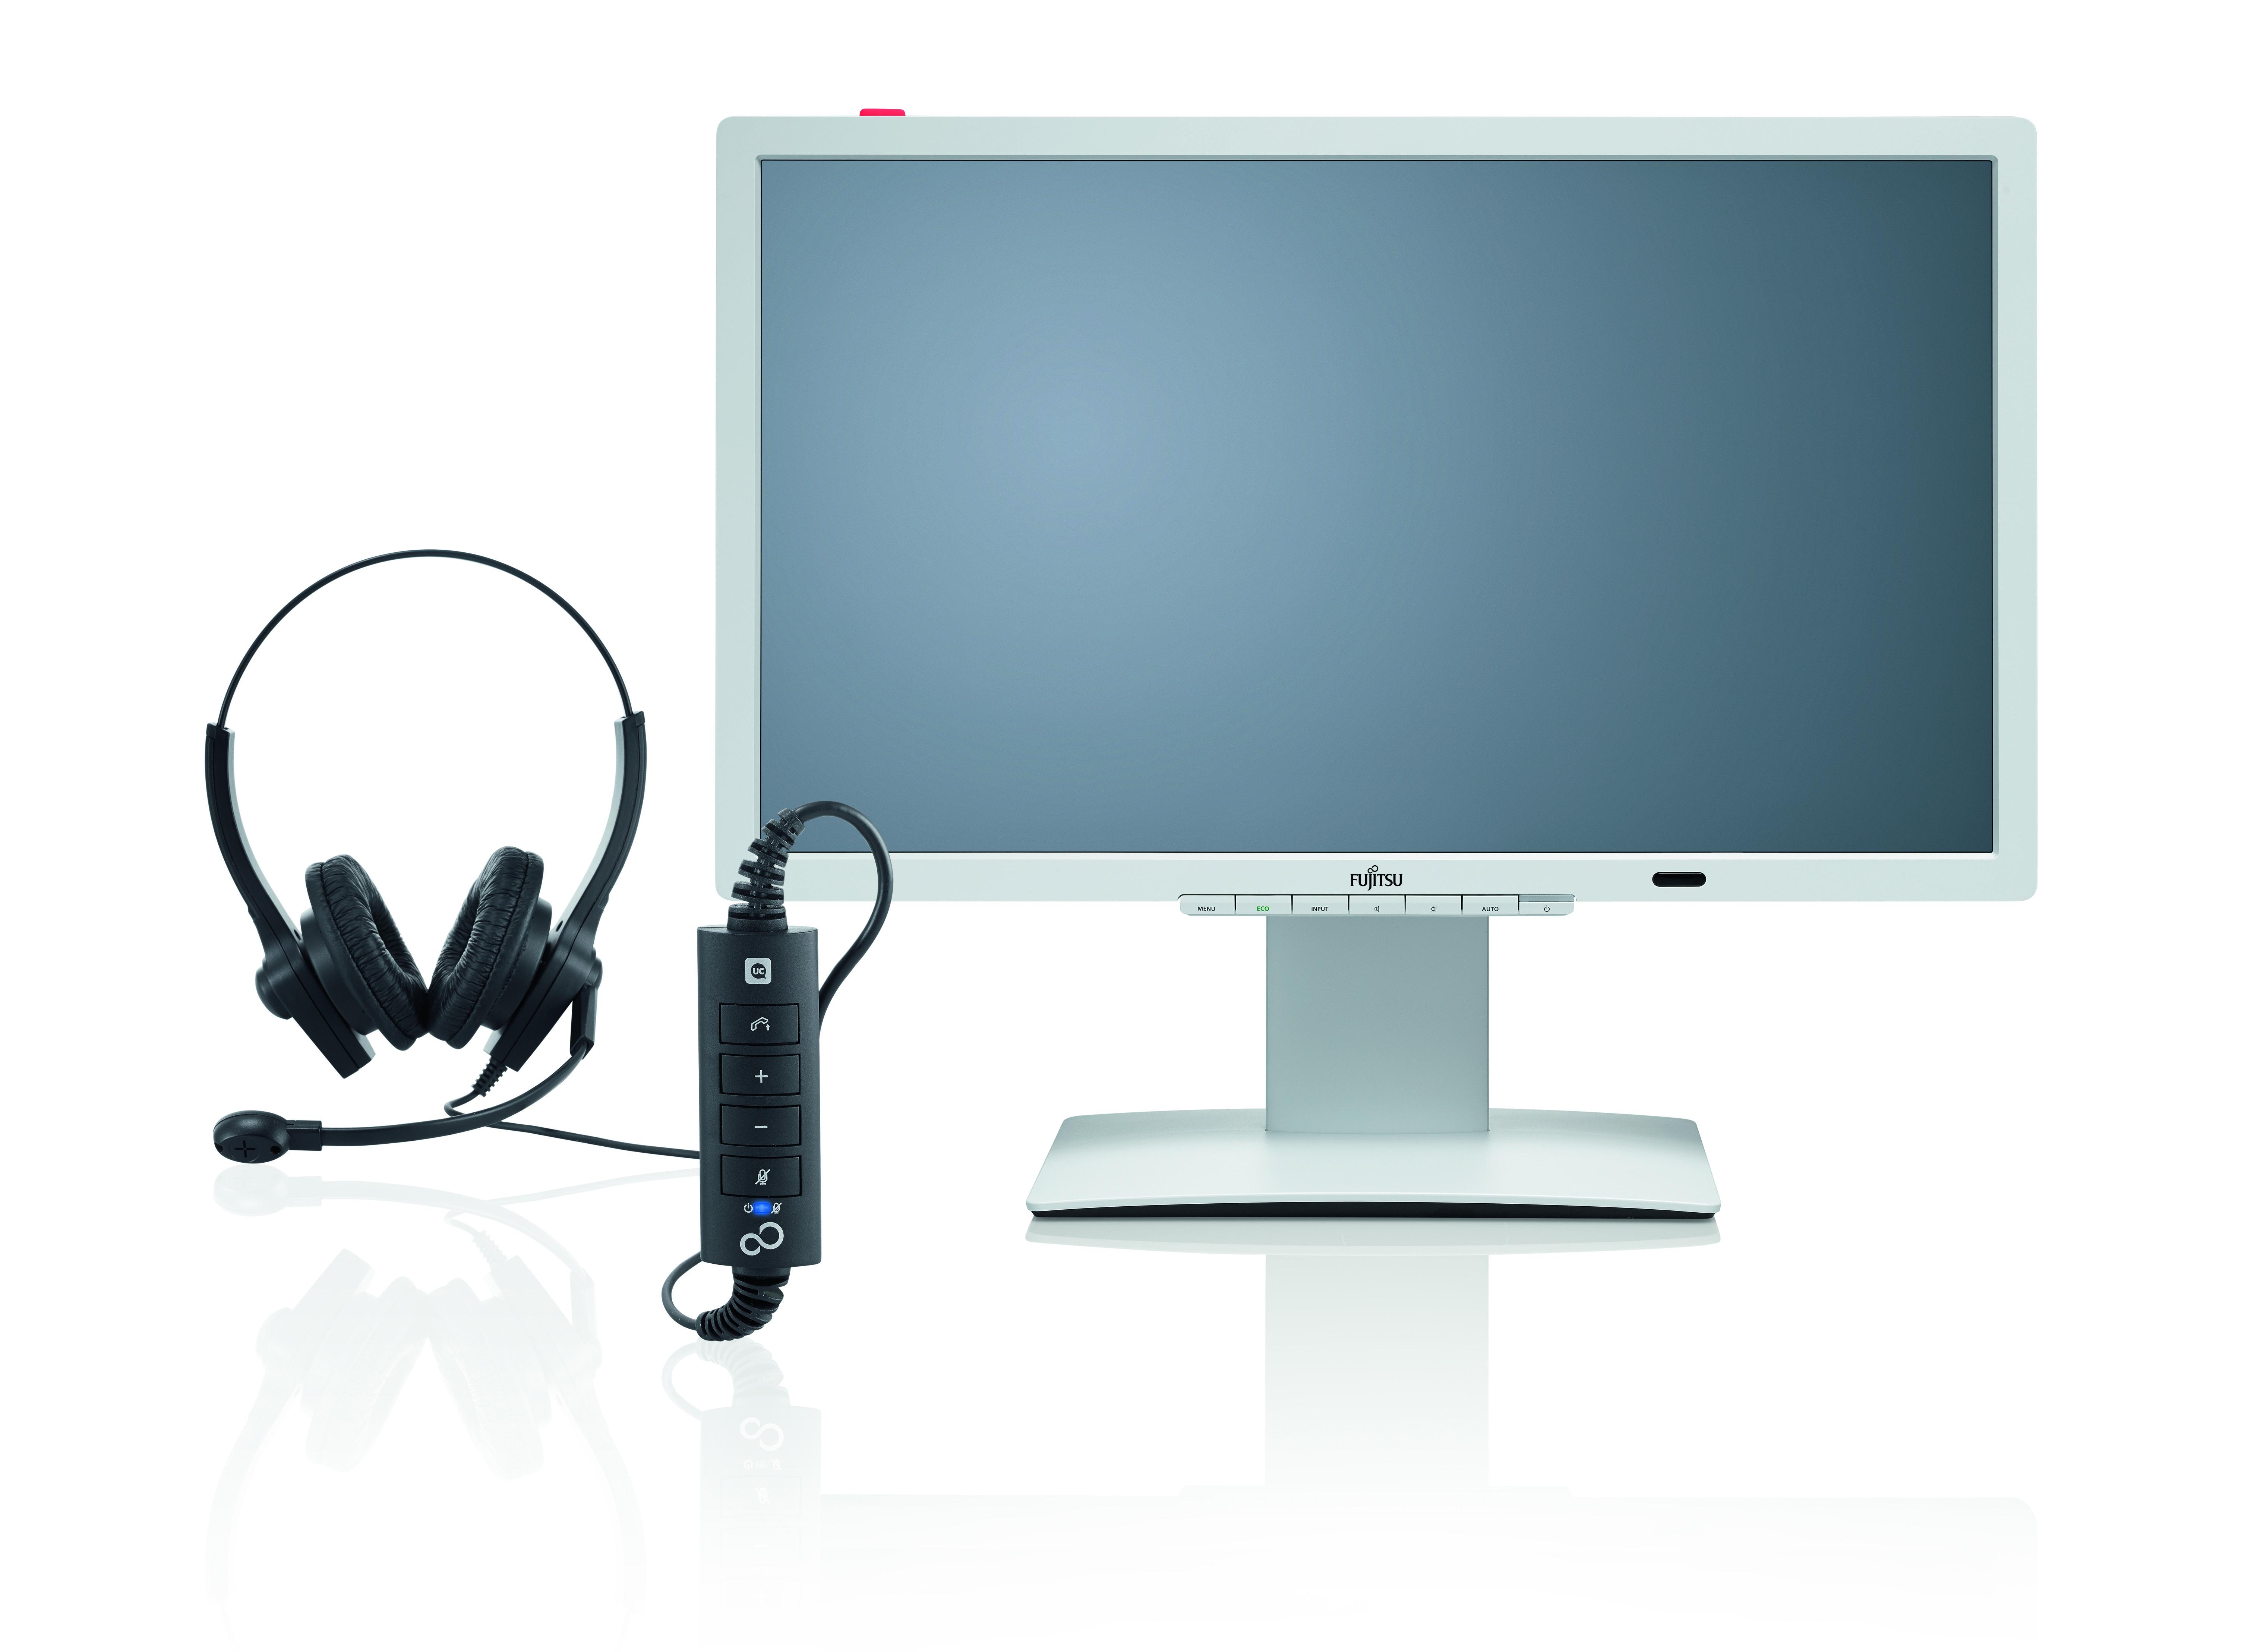 Fujitsu: monitor dobry do rozmowy